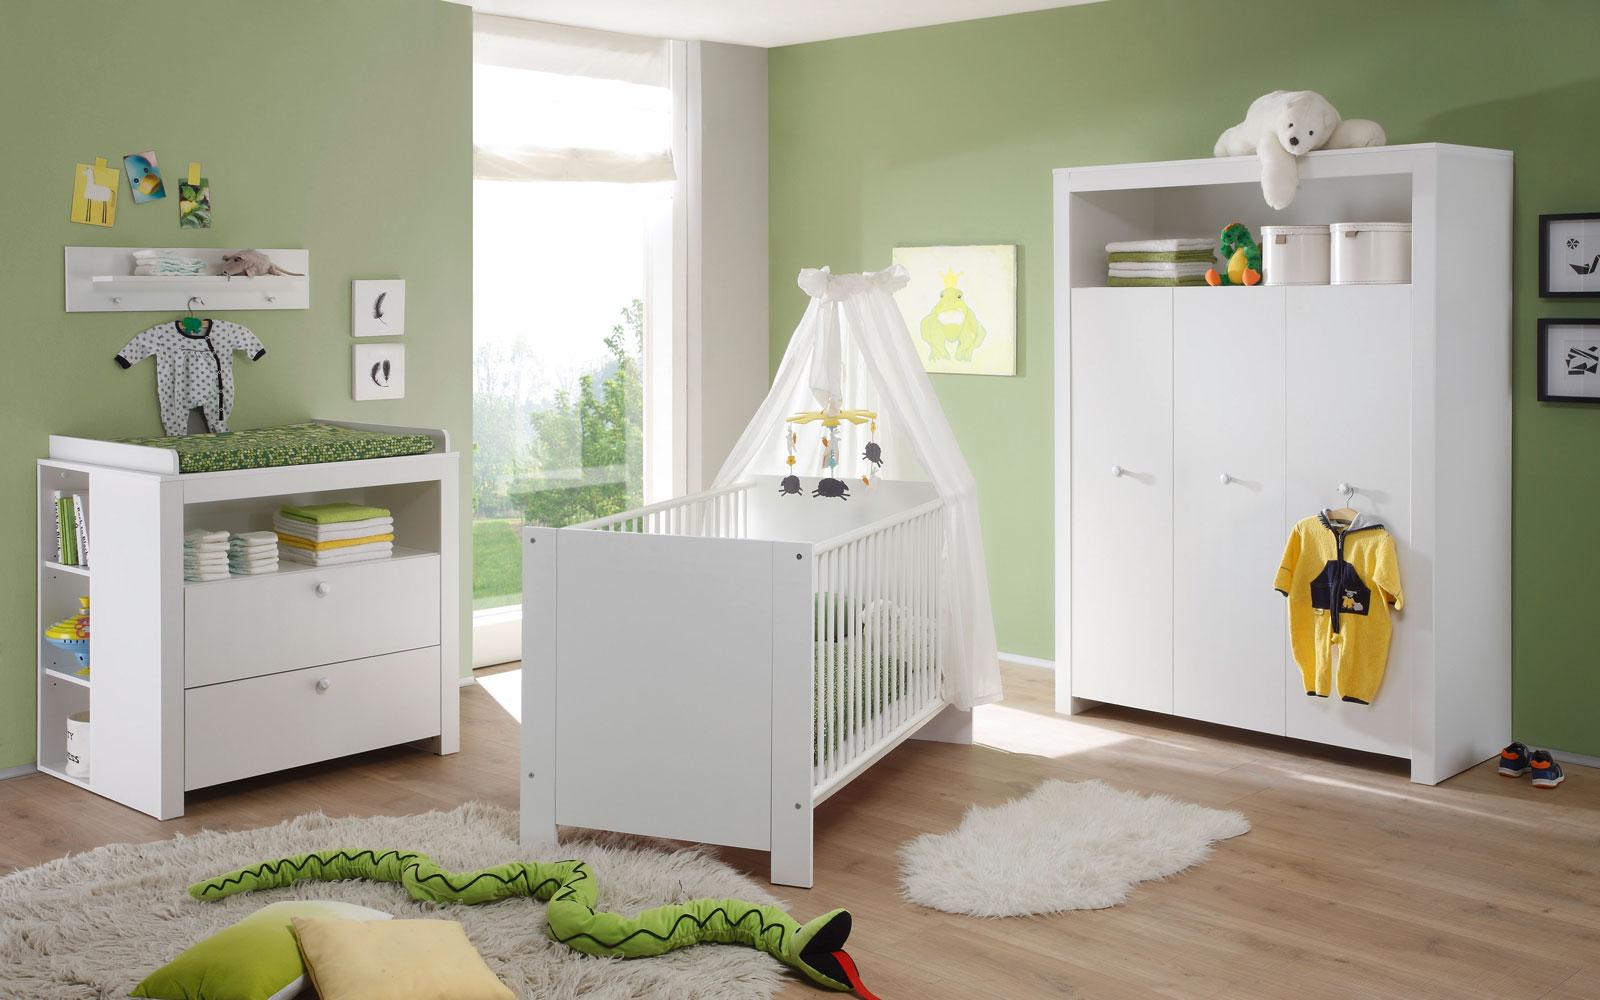 Babyzimmer set olivia kinderzimmer babymöbel komplett in weiß 3 ...